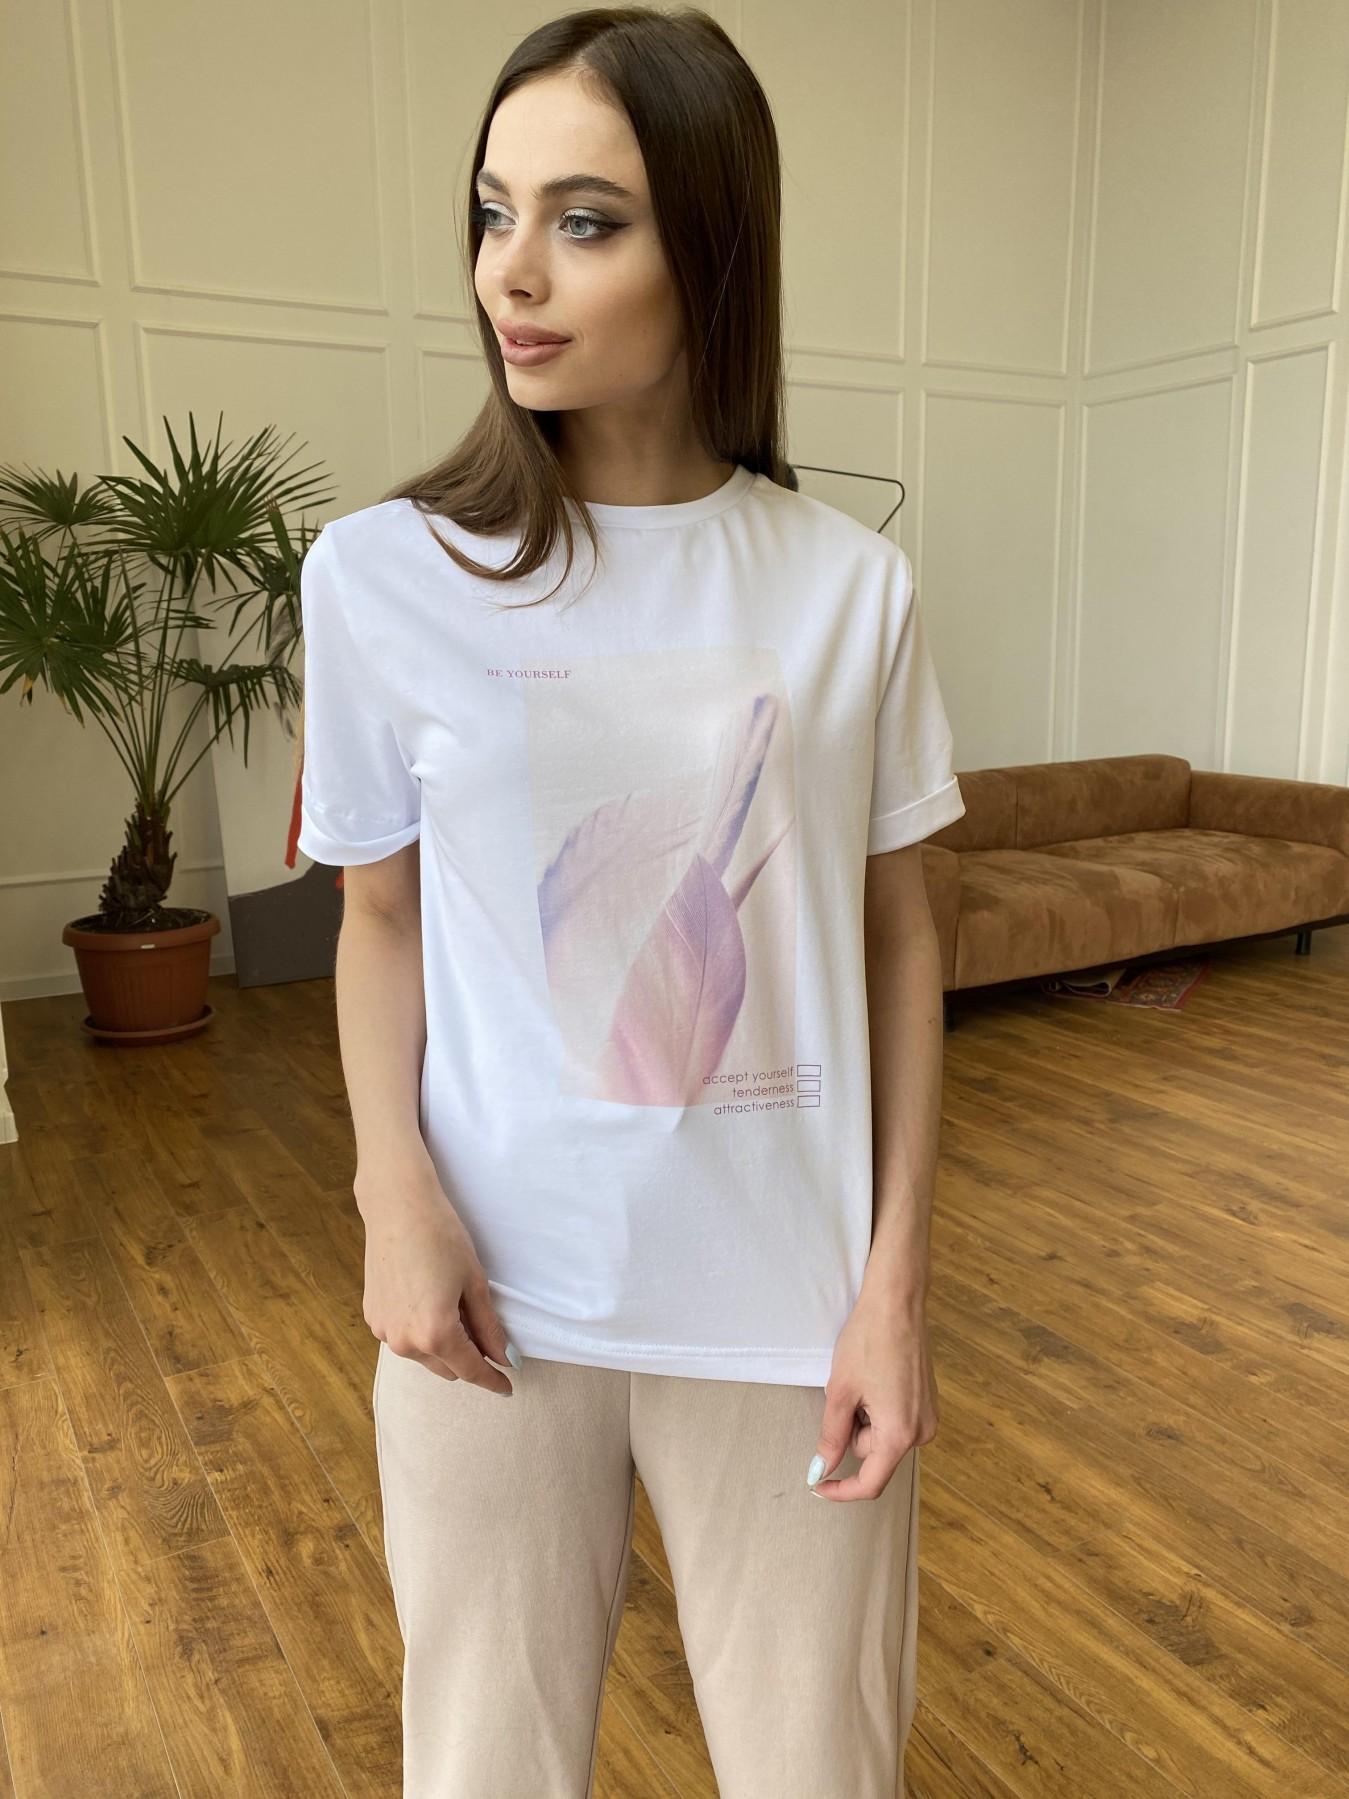 Перо футболка из вискозы однотонная хлопок 11230 АРТ. 47751 Цвет: Белый - фото 7, интернет магазин tm-modus.ru